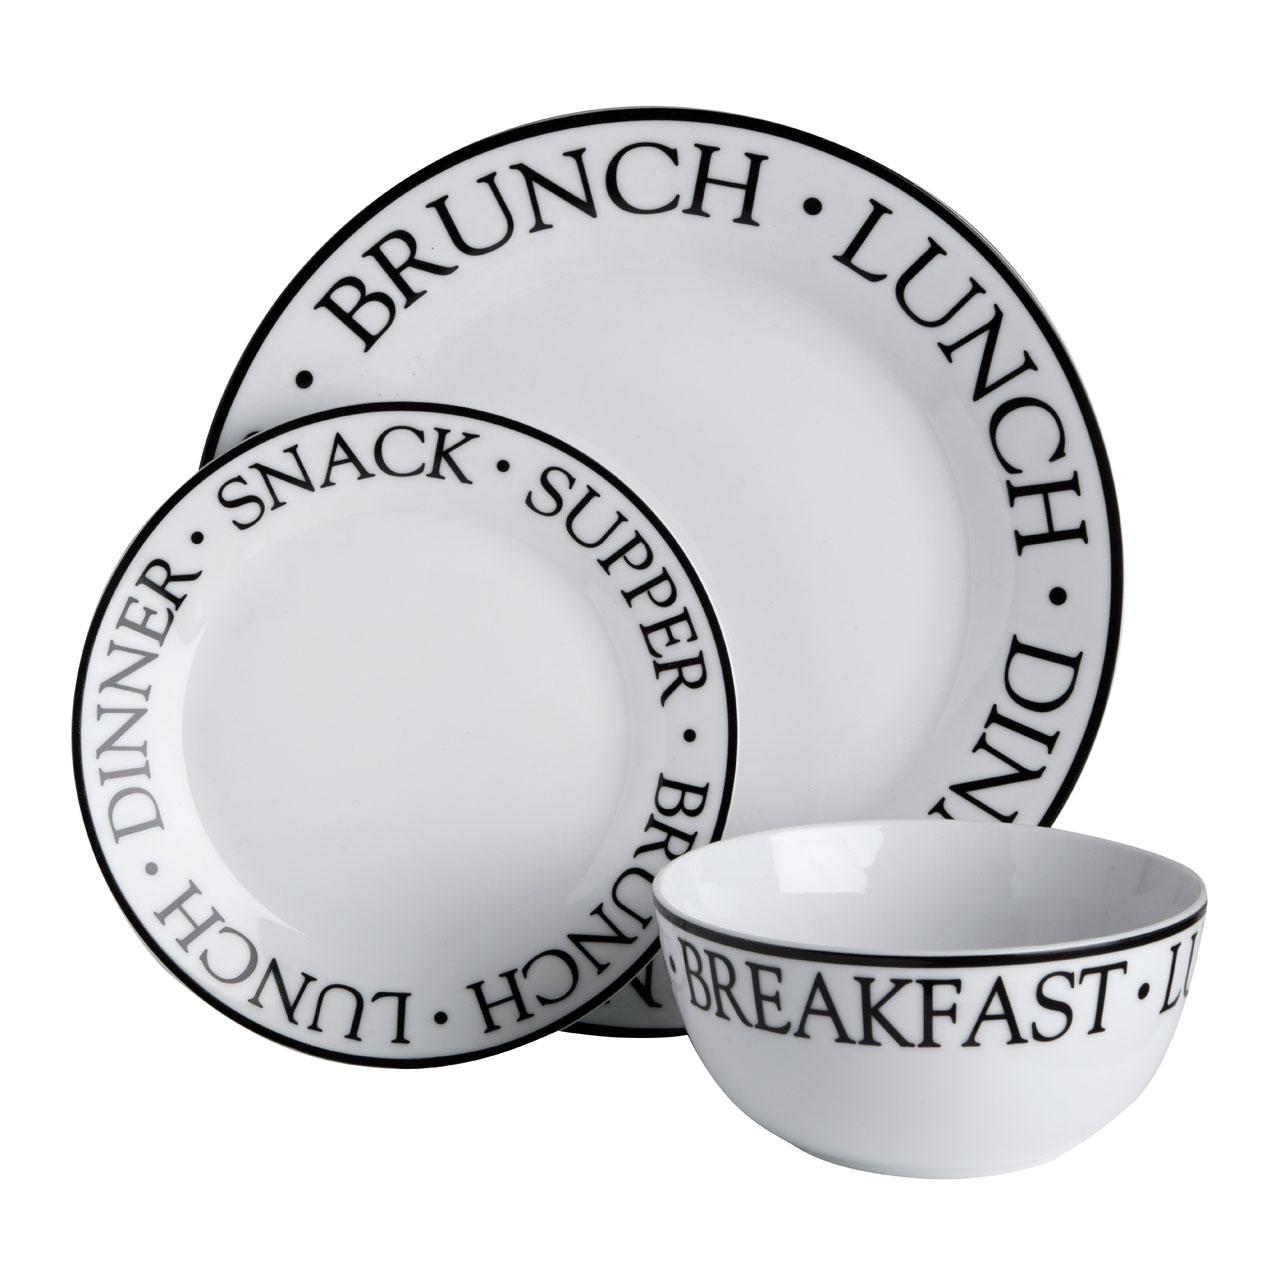 12pc Dinner Dining Set Lunch Brunch Noir Plates Bowls Porcelain Set